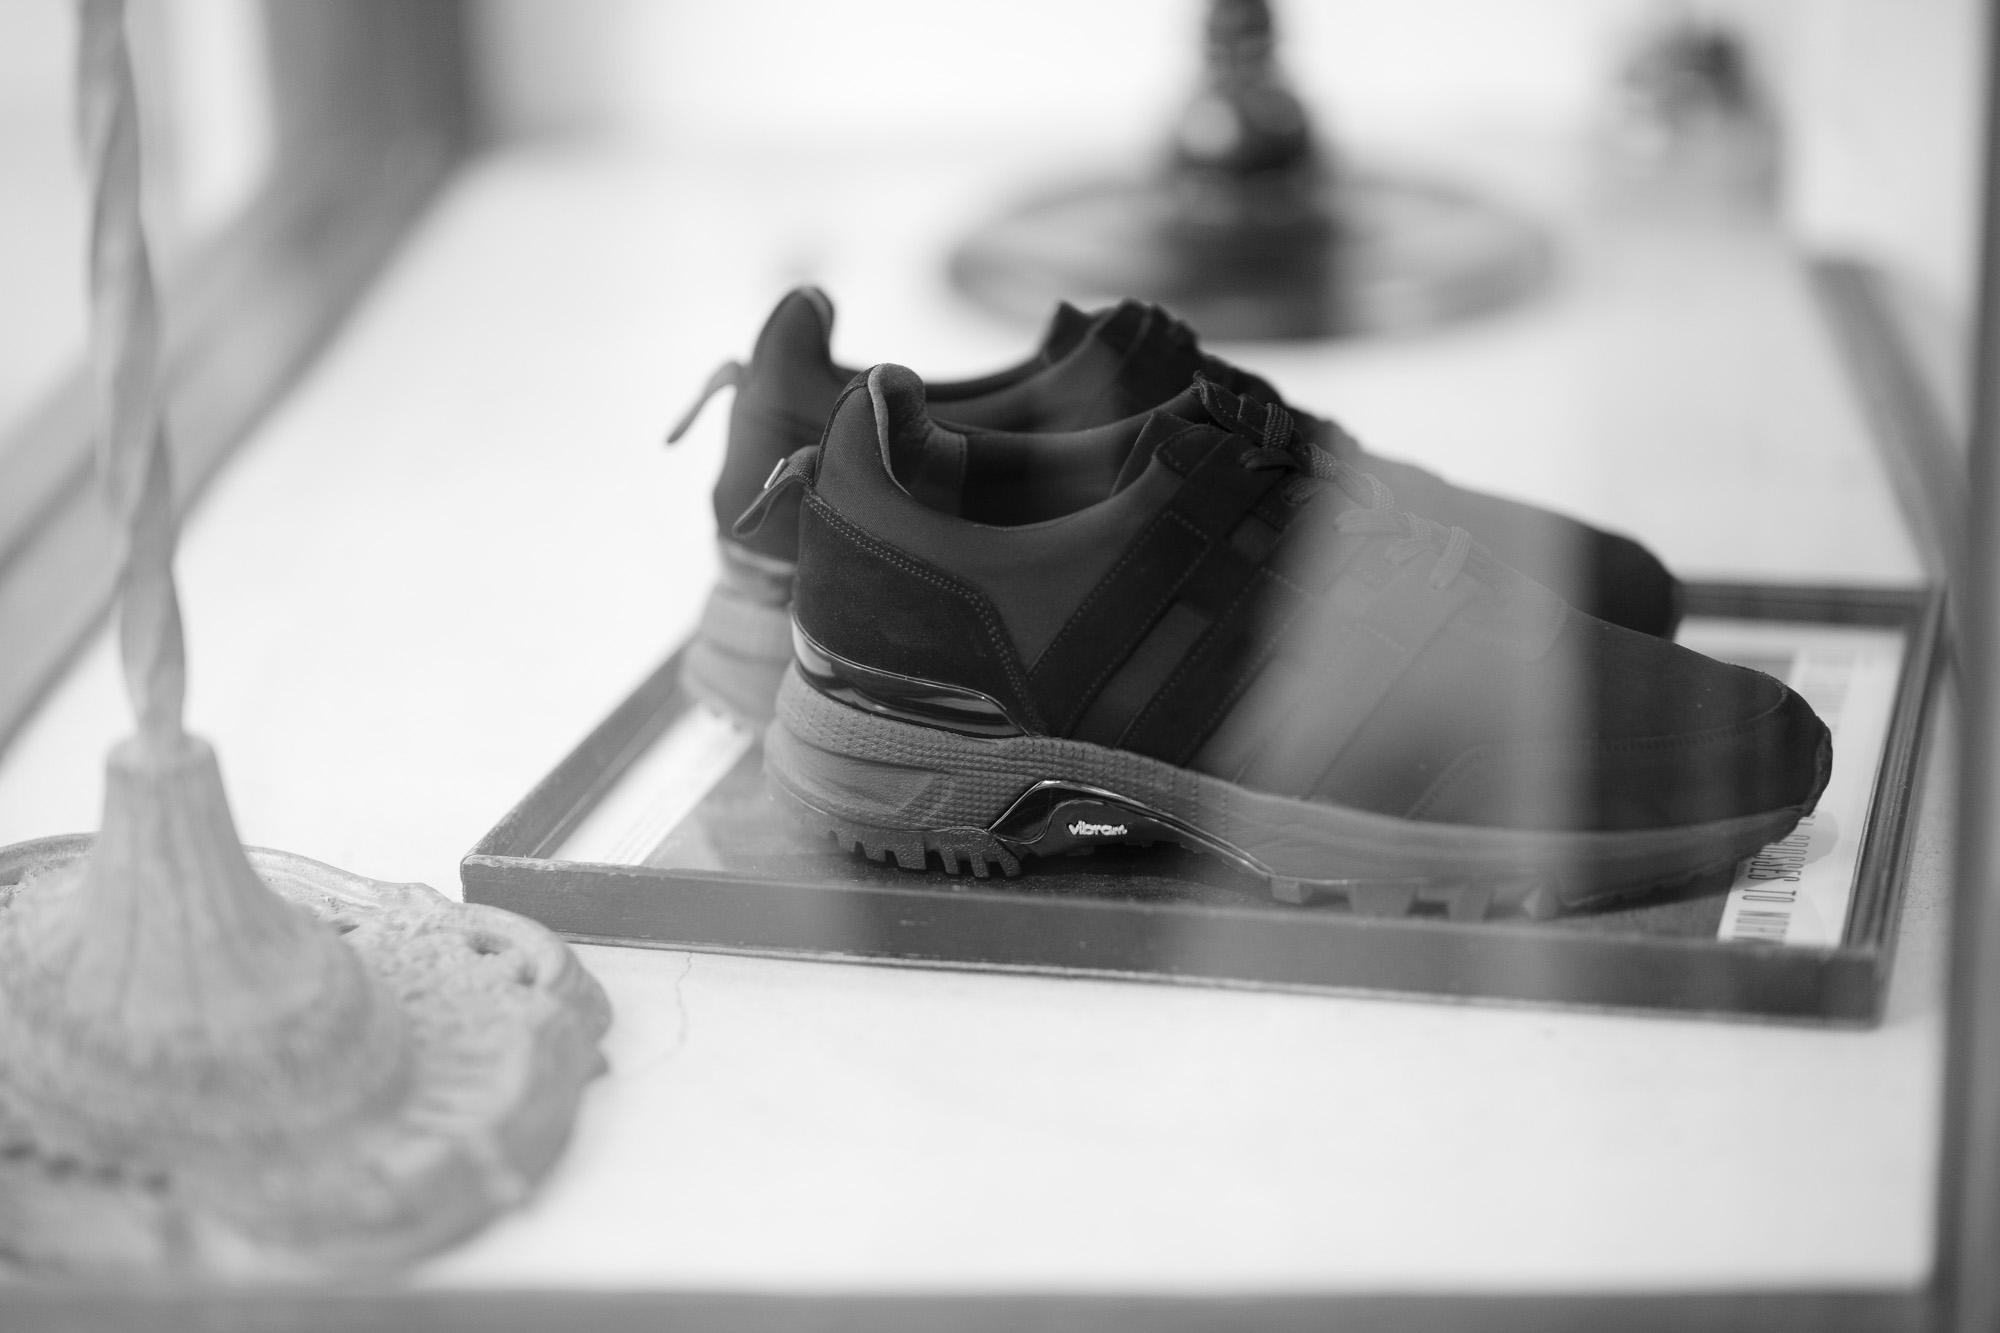 WH (ダブルエイチ) WH-0111S Faster Last(ファスターラスト) Suede Leather スエードレザー スニーカー BLACK×BLACK (ブラック×ブラック) MADE IN JAPAN (日本製) 2019 秋冬 【ご予約開始】【Alto e Diritto 別注 限定スエードモデル】 愛知 名古屋 alto e diritto altoediritto アルトエデリット